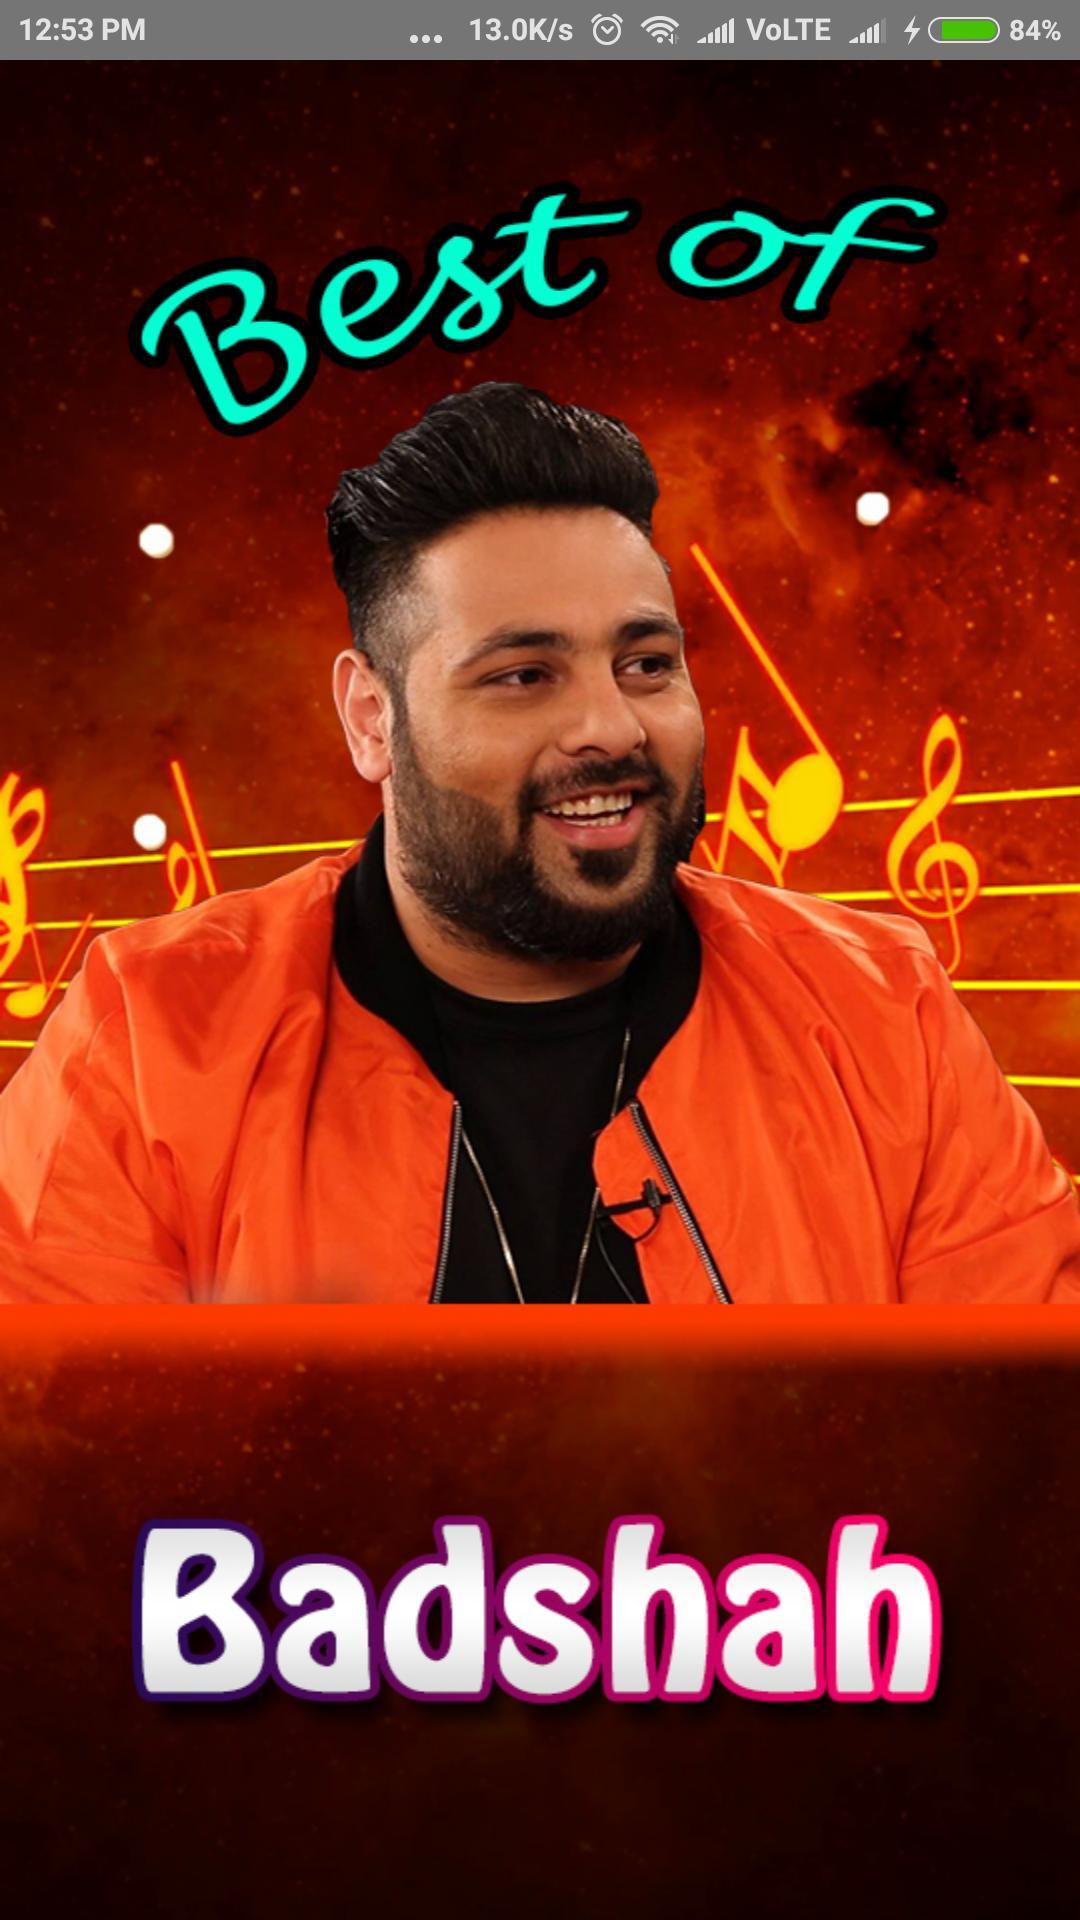 badshah rap ringtone 2018